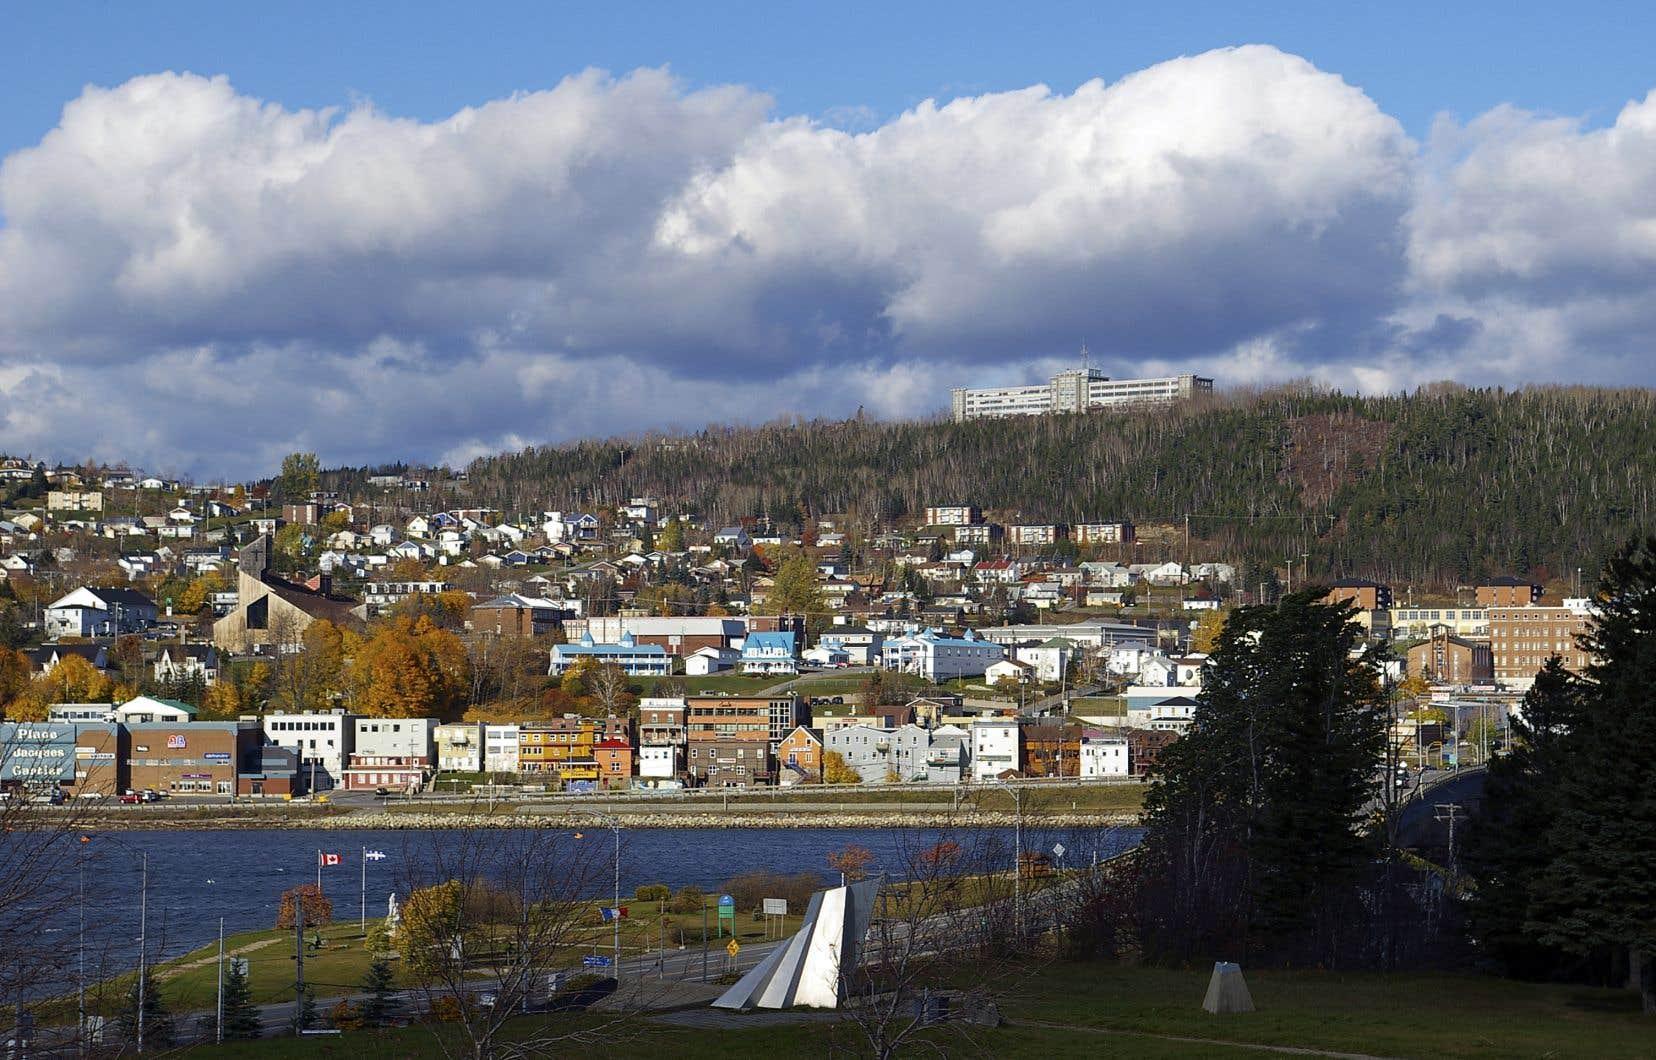 Établi à 1,2%, le taux d'inoccupation des logements de la capitale gaspésienne est le plus bas du Québec.